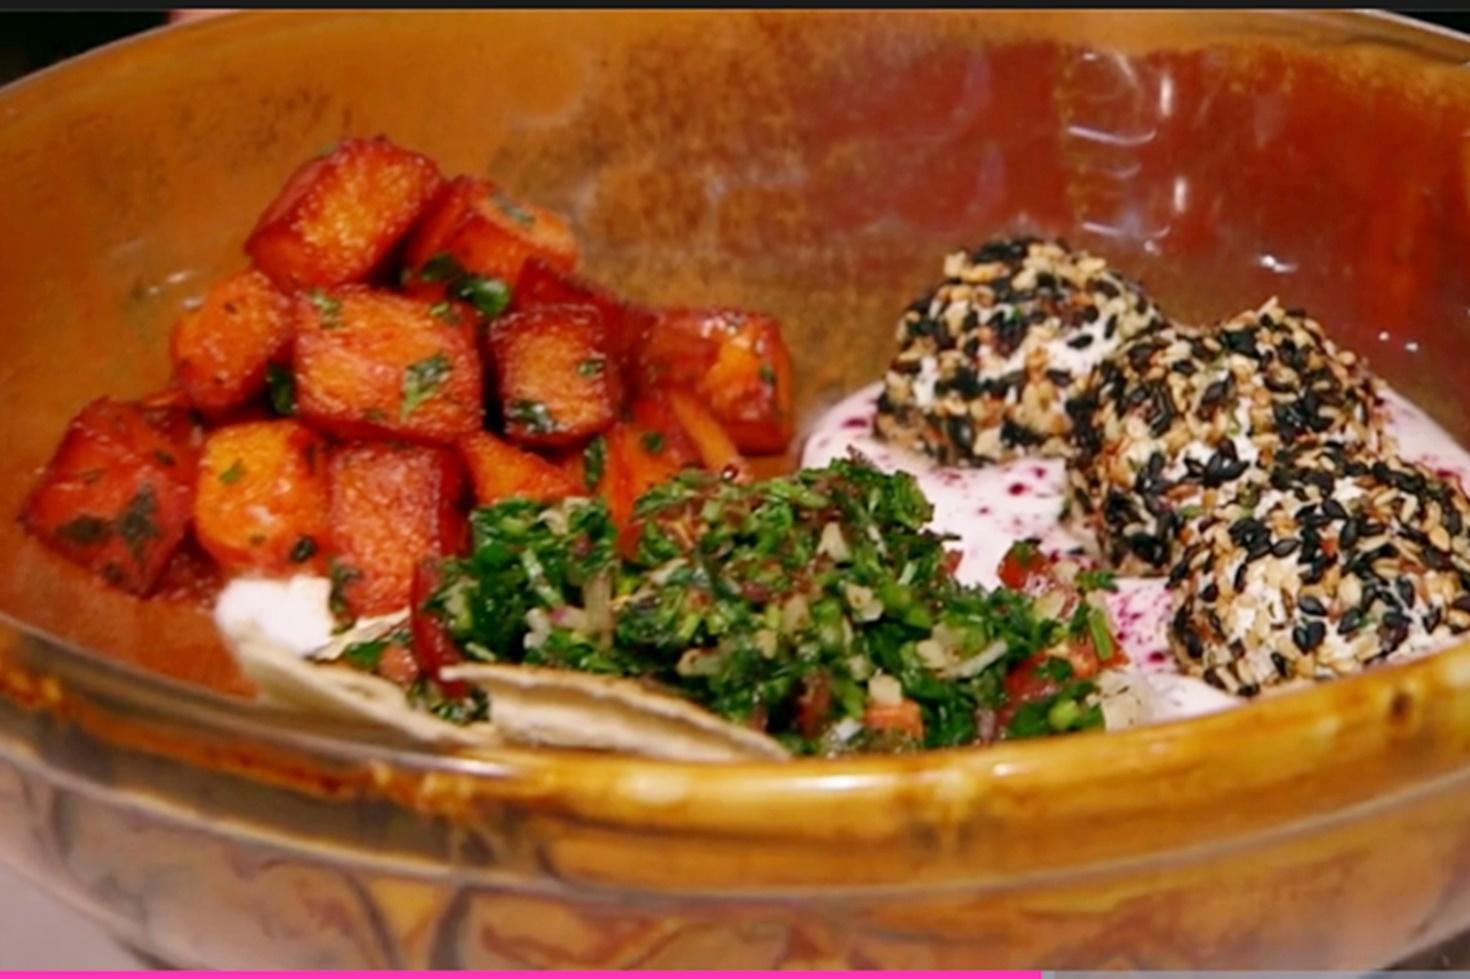 Chefi la cuțite, 25 mai 2021.Rețetă de aperitiv libanez, preparată de Valentina Ioniță în cea de-a zecea confruntare pe echipe